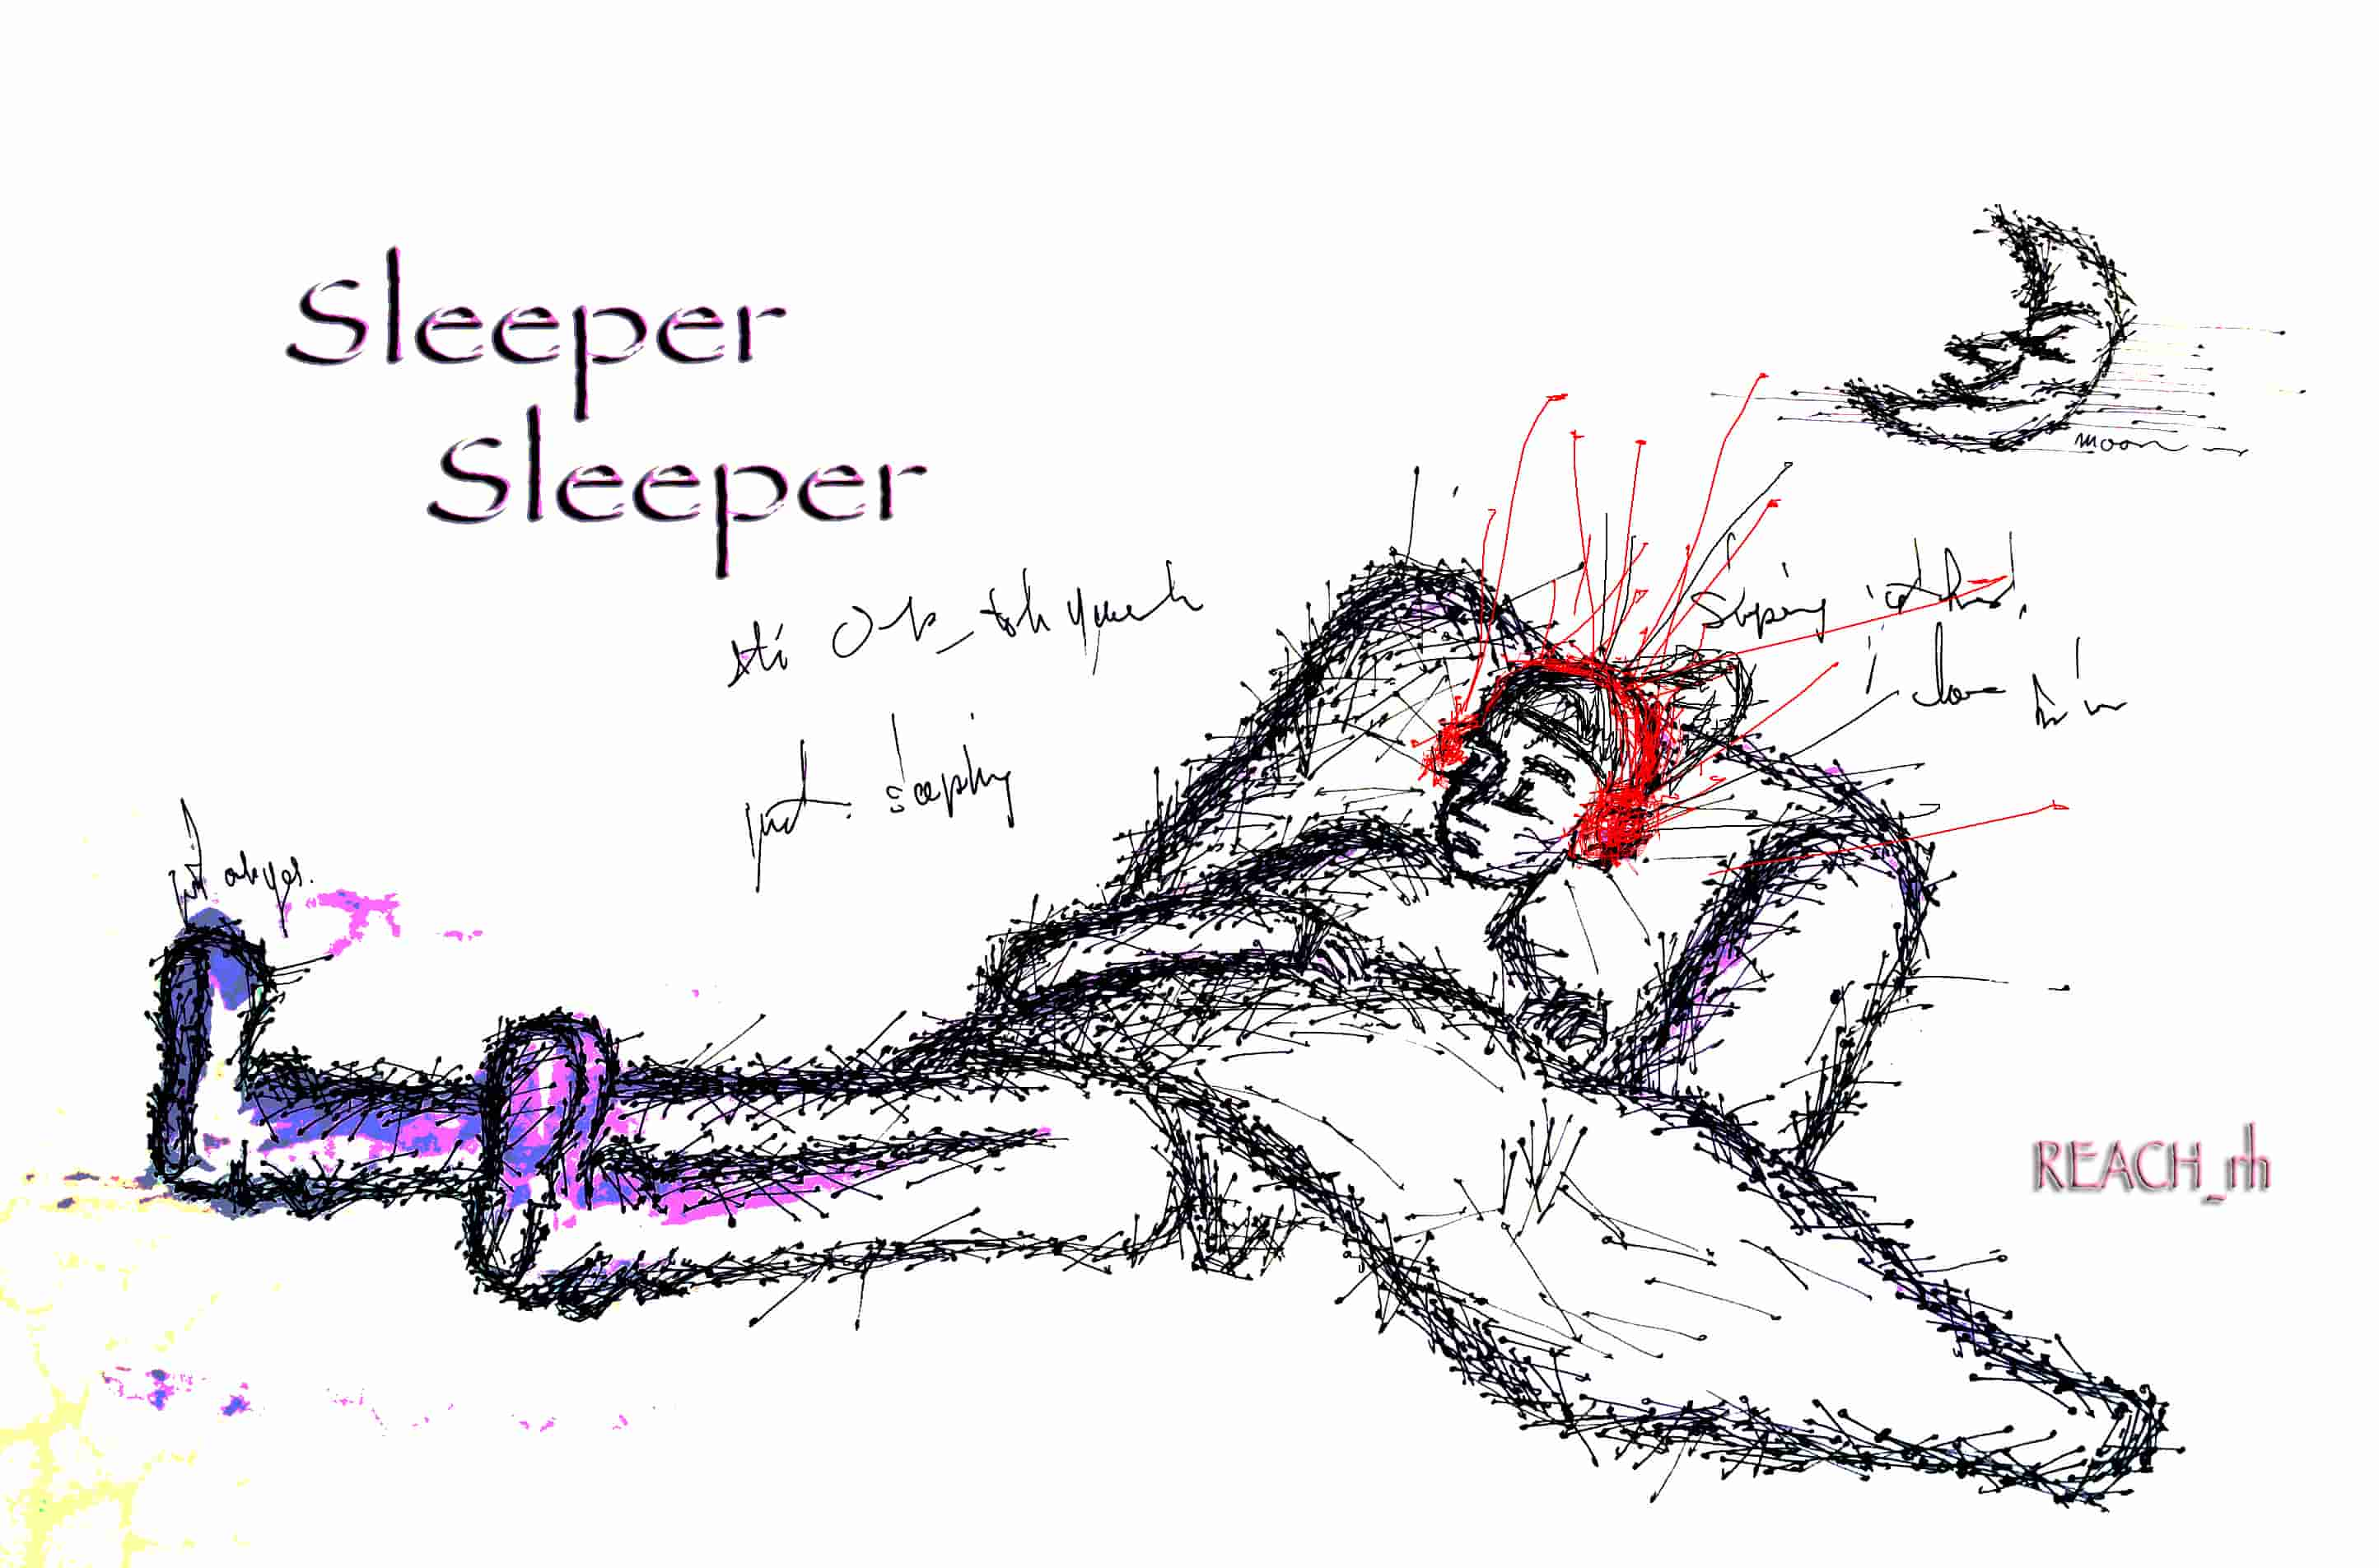 Sleeper08